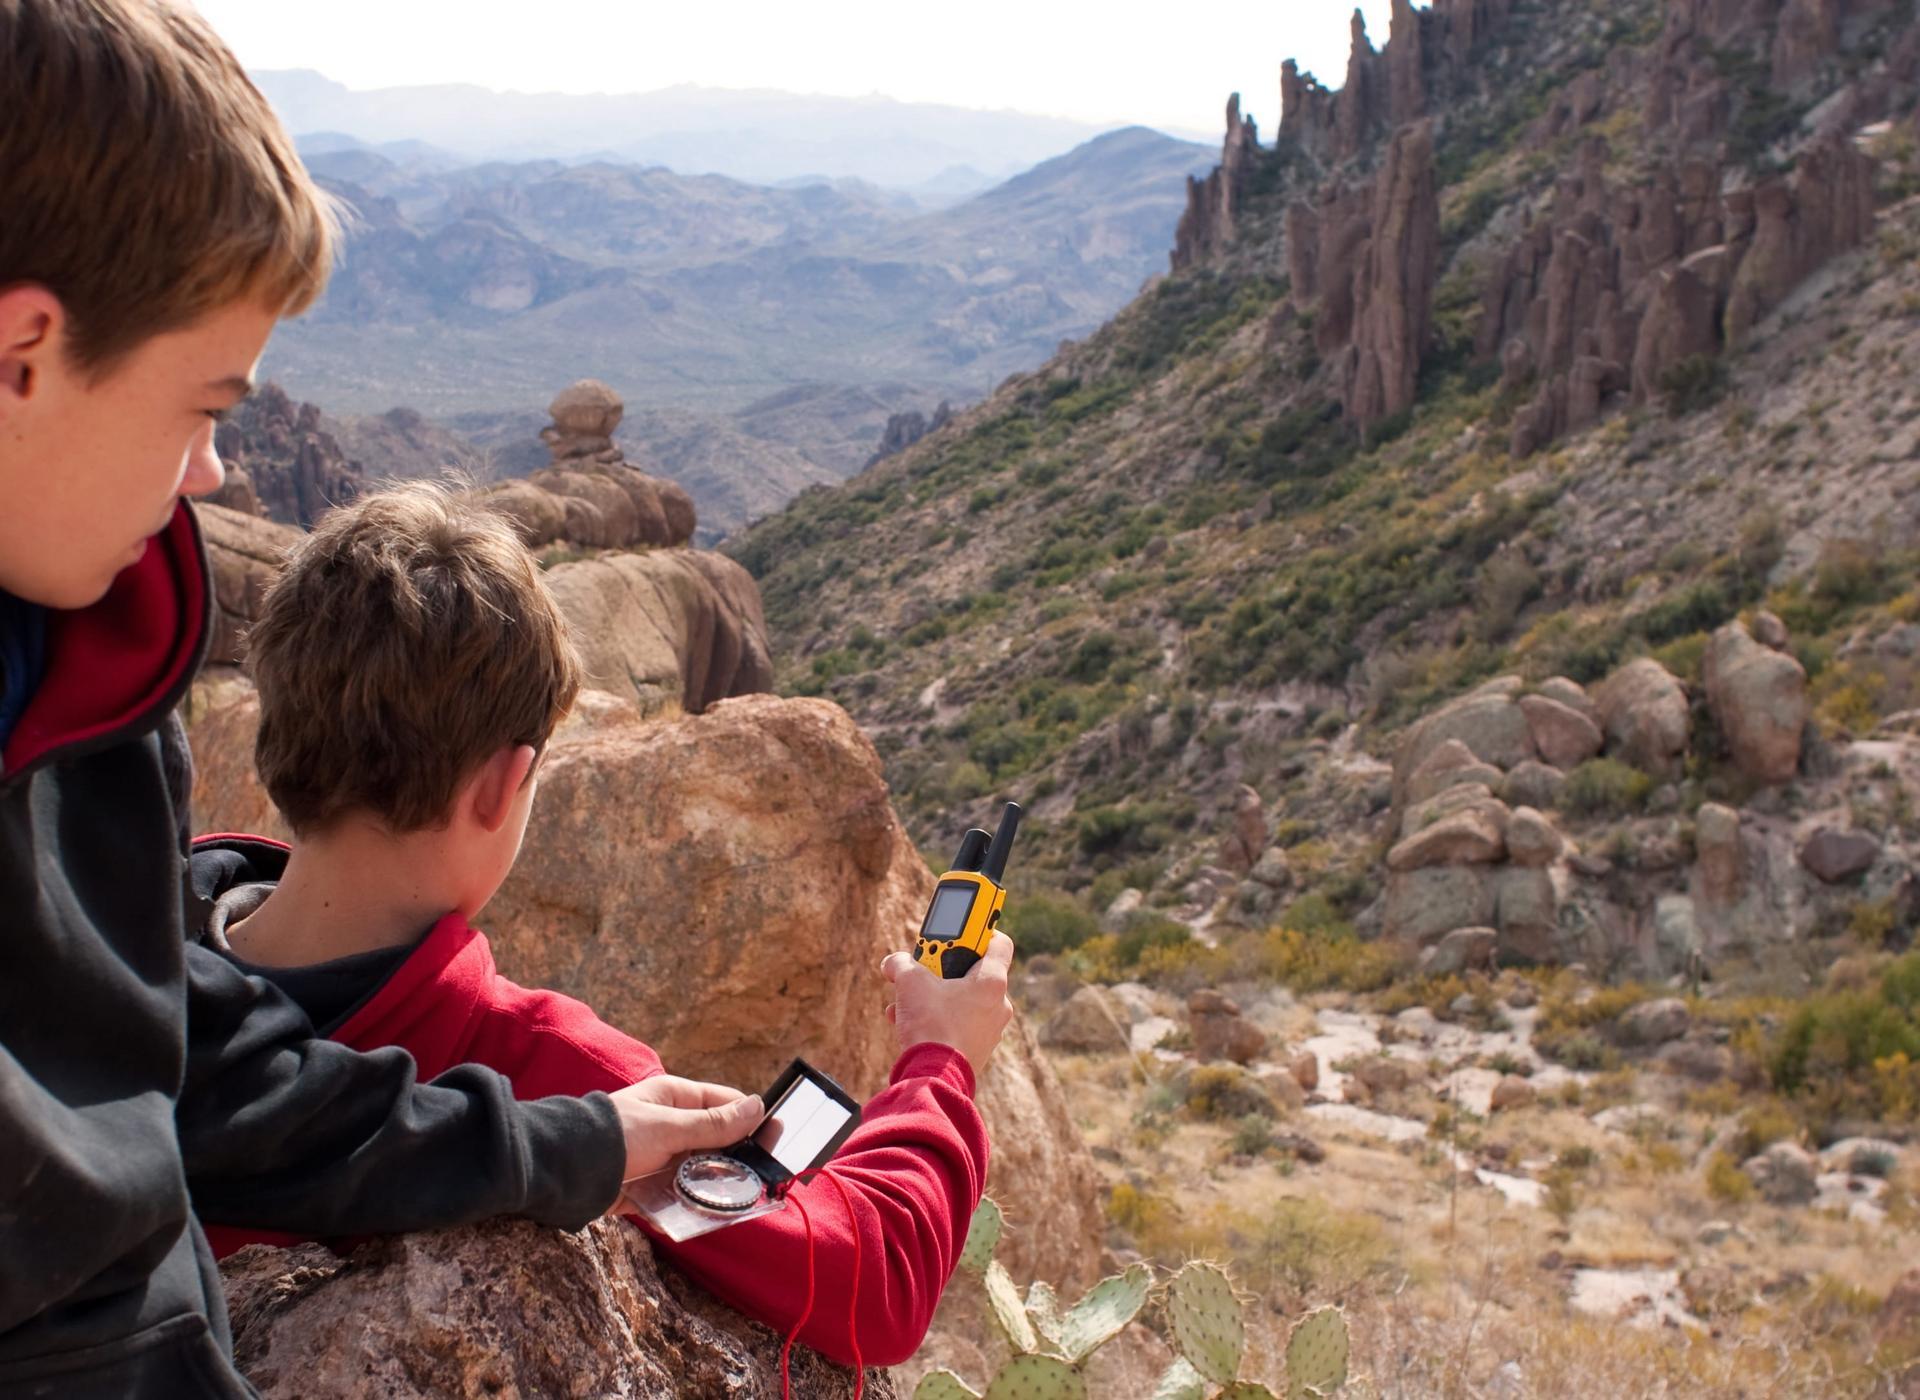 Zwei Kinder beim Geocaching mit Kompass und GPS-Gerät.